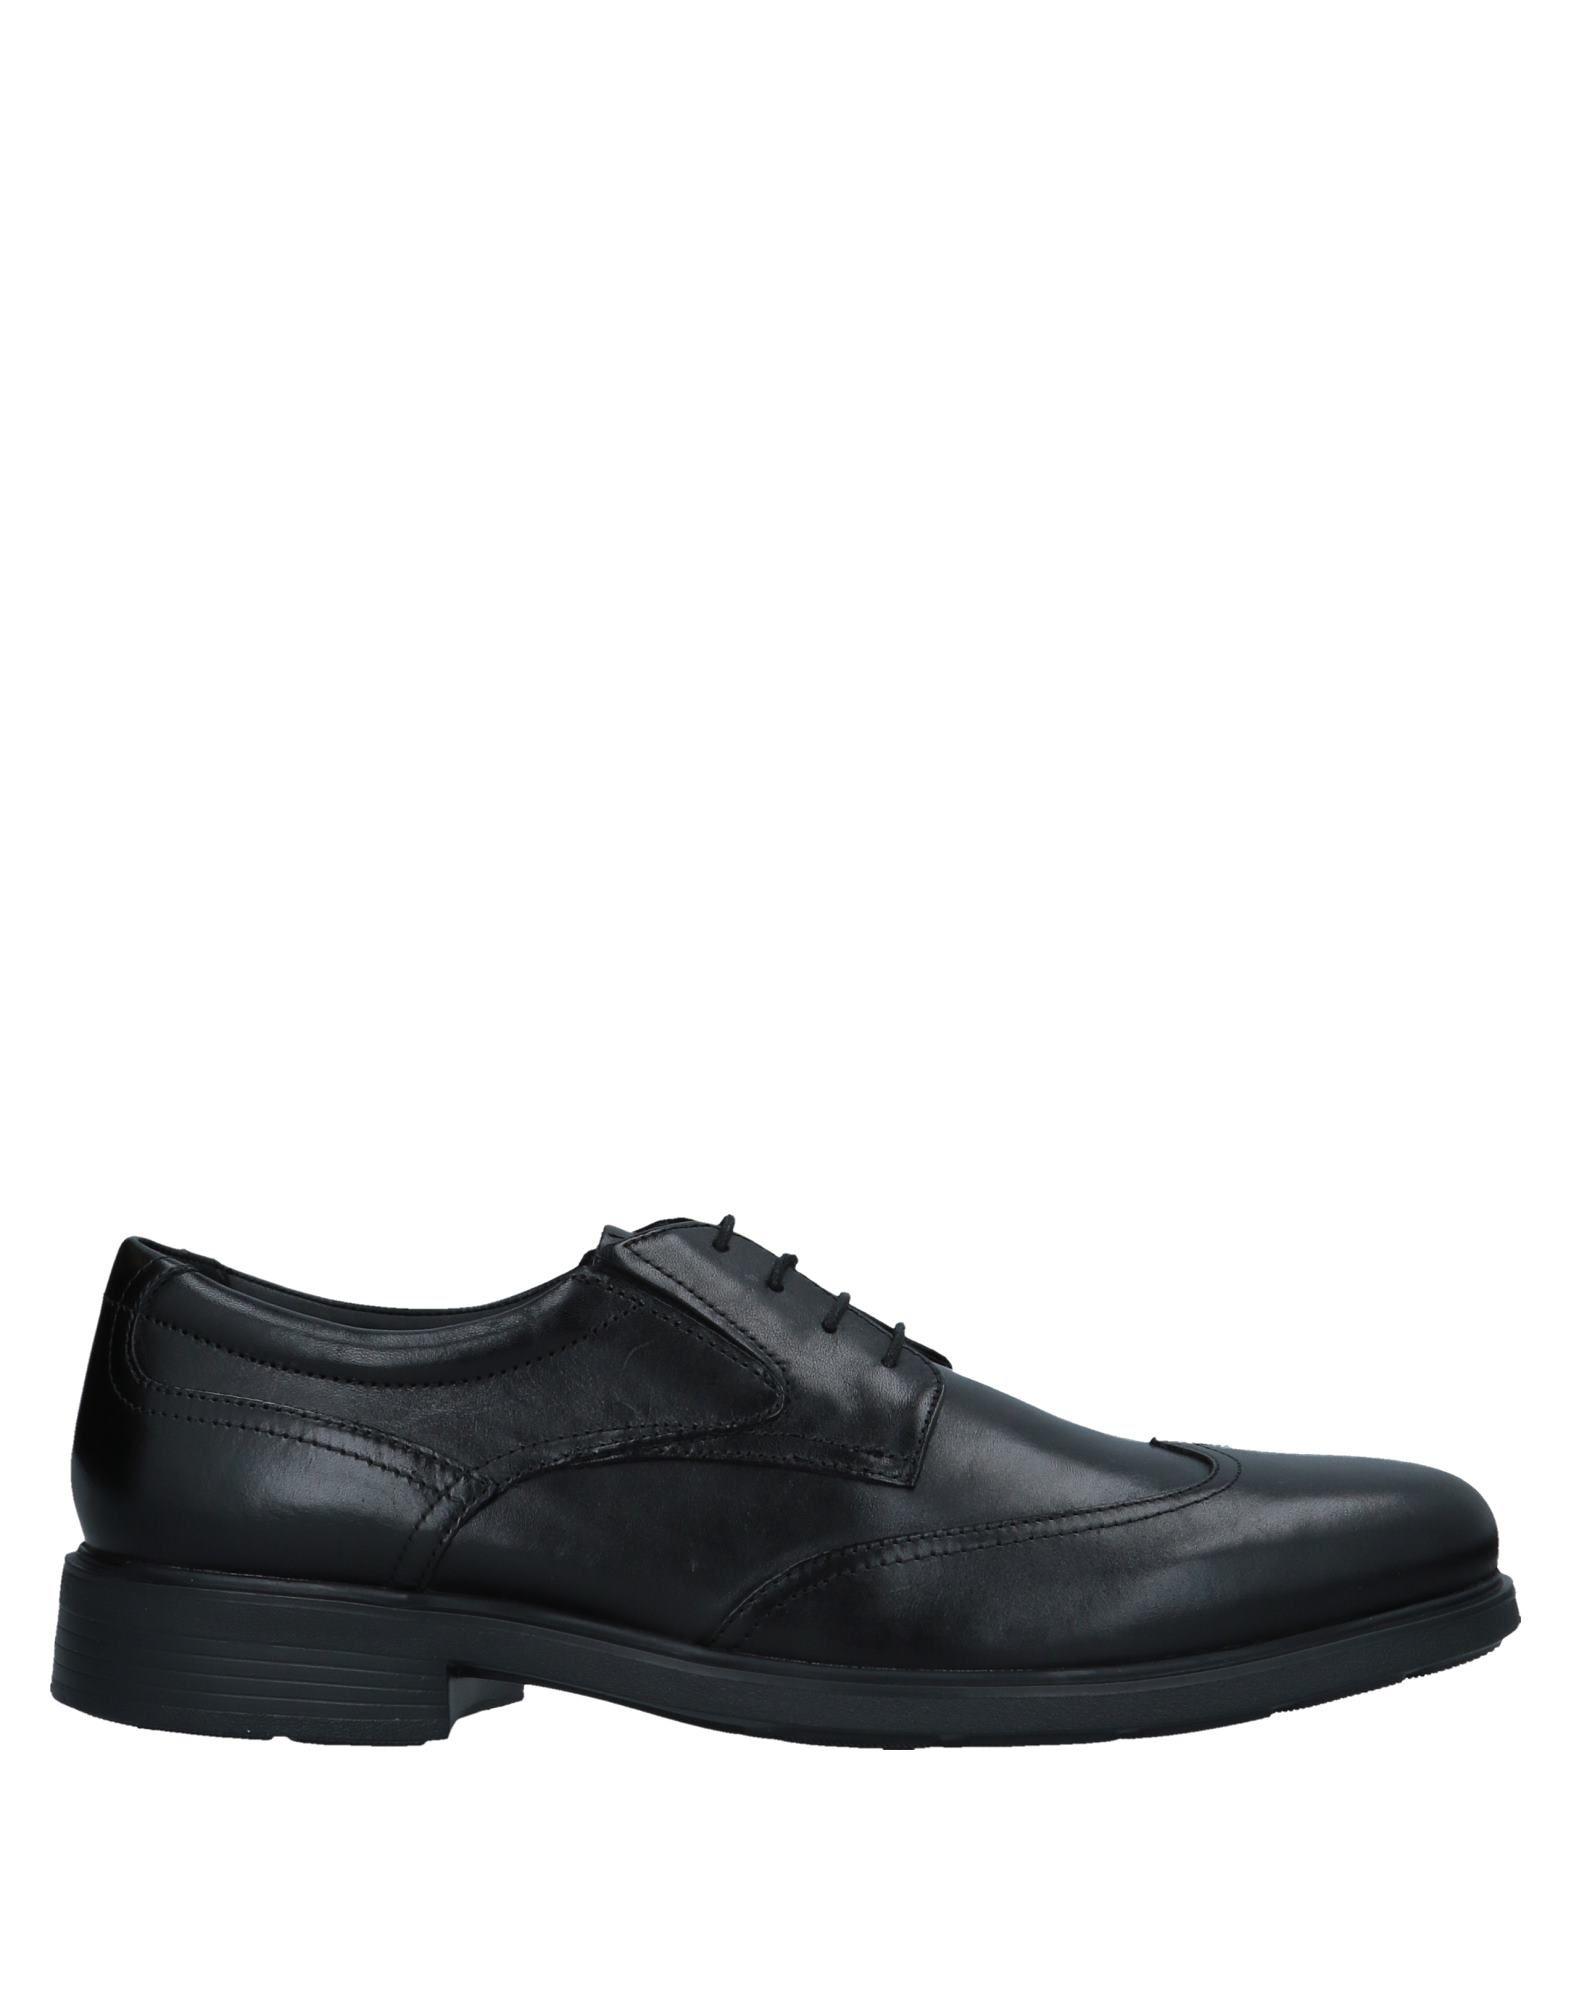 Haltbare Mode billige Schuhe Geox Schnürschuhe Herren  11540558HQ Heiße Schuhe